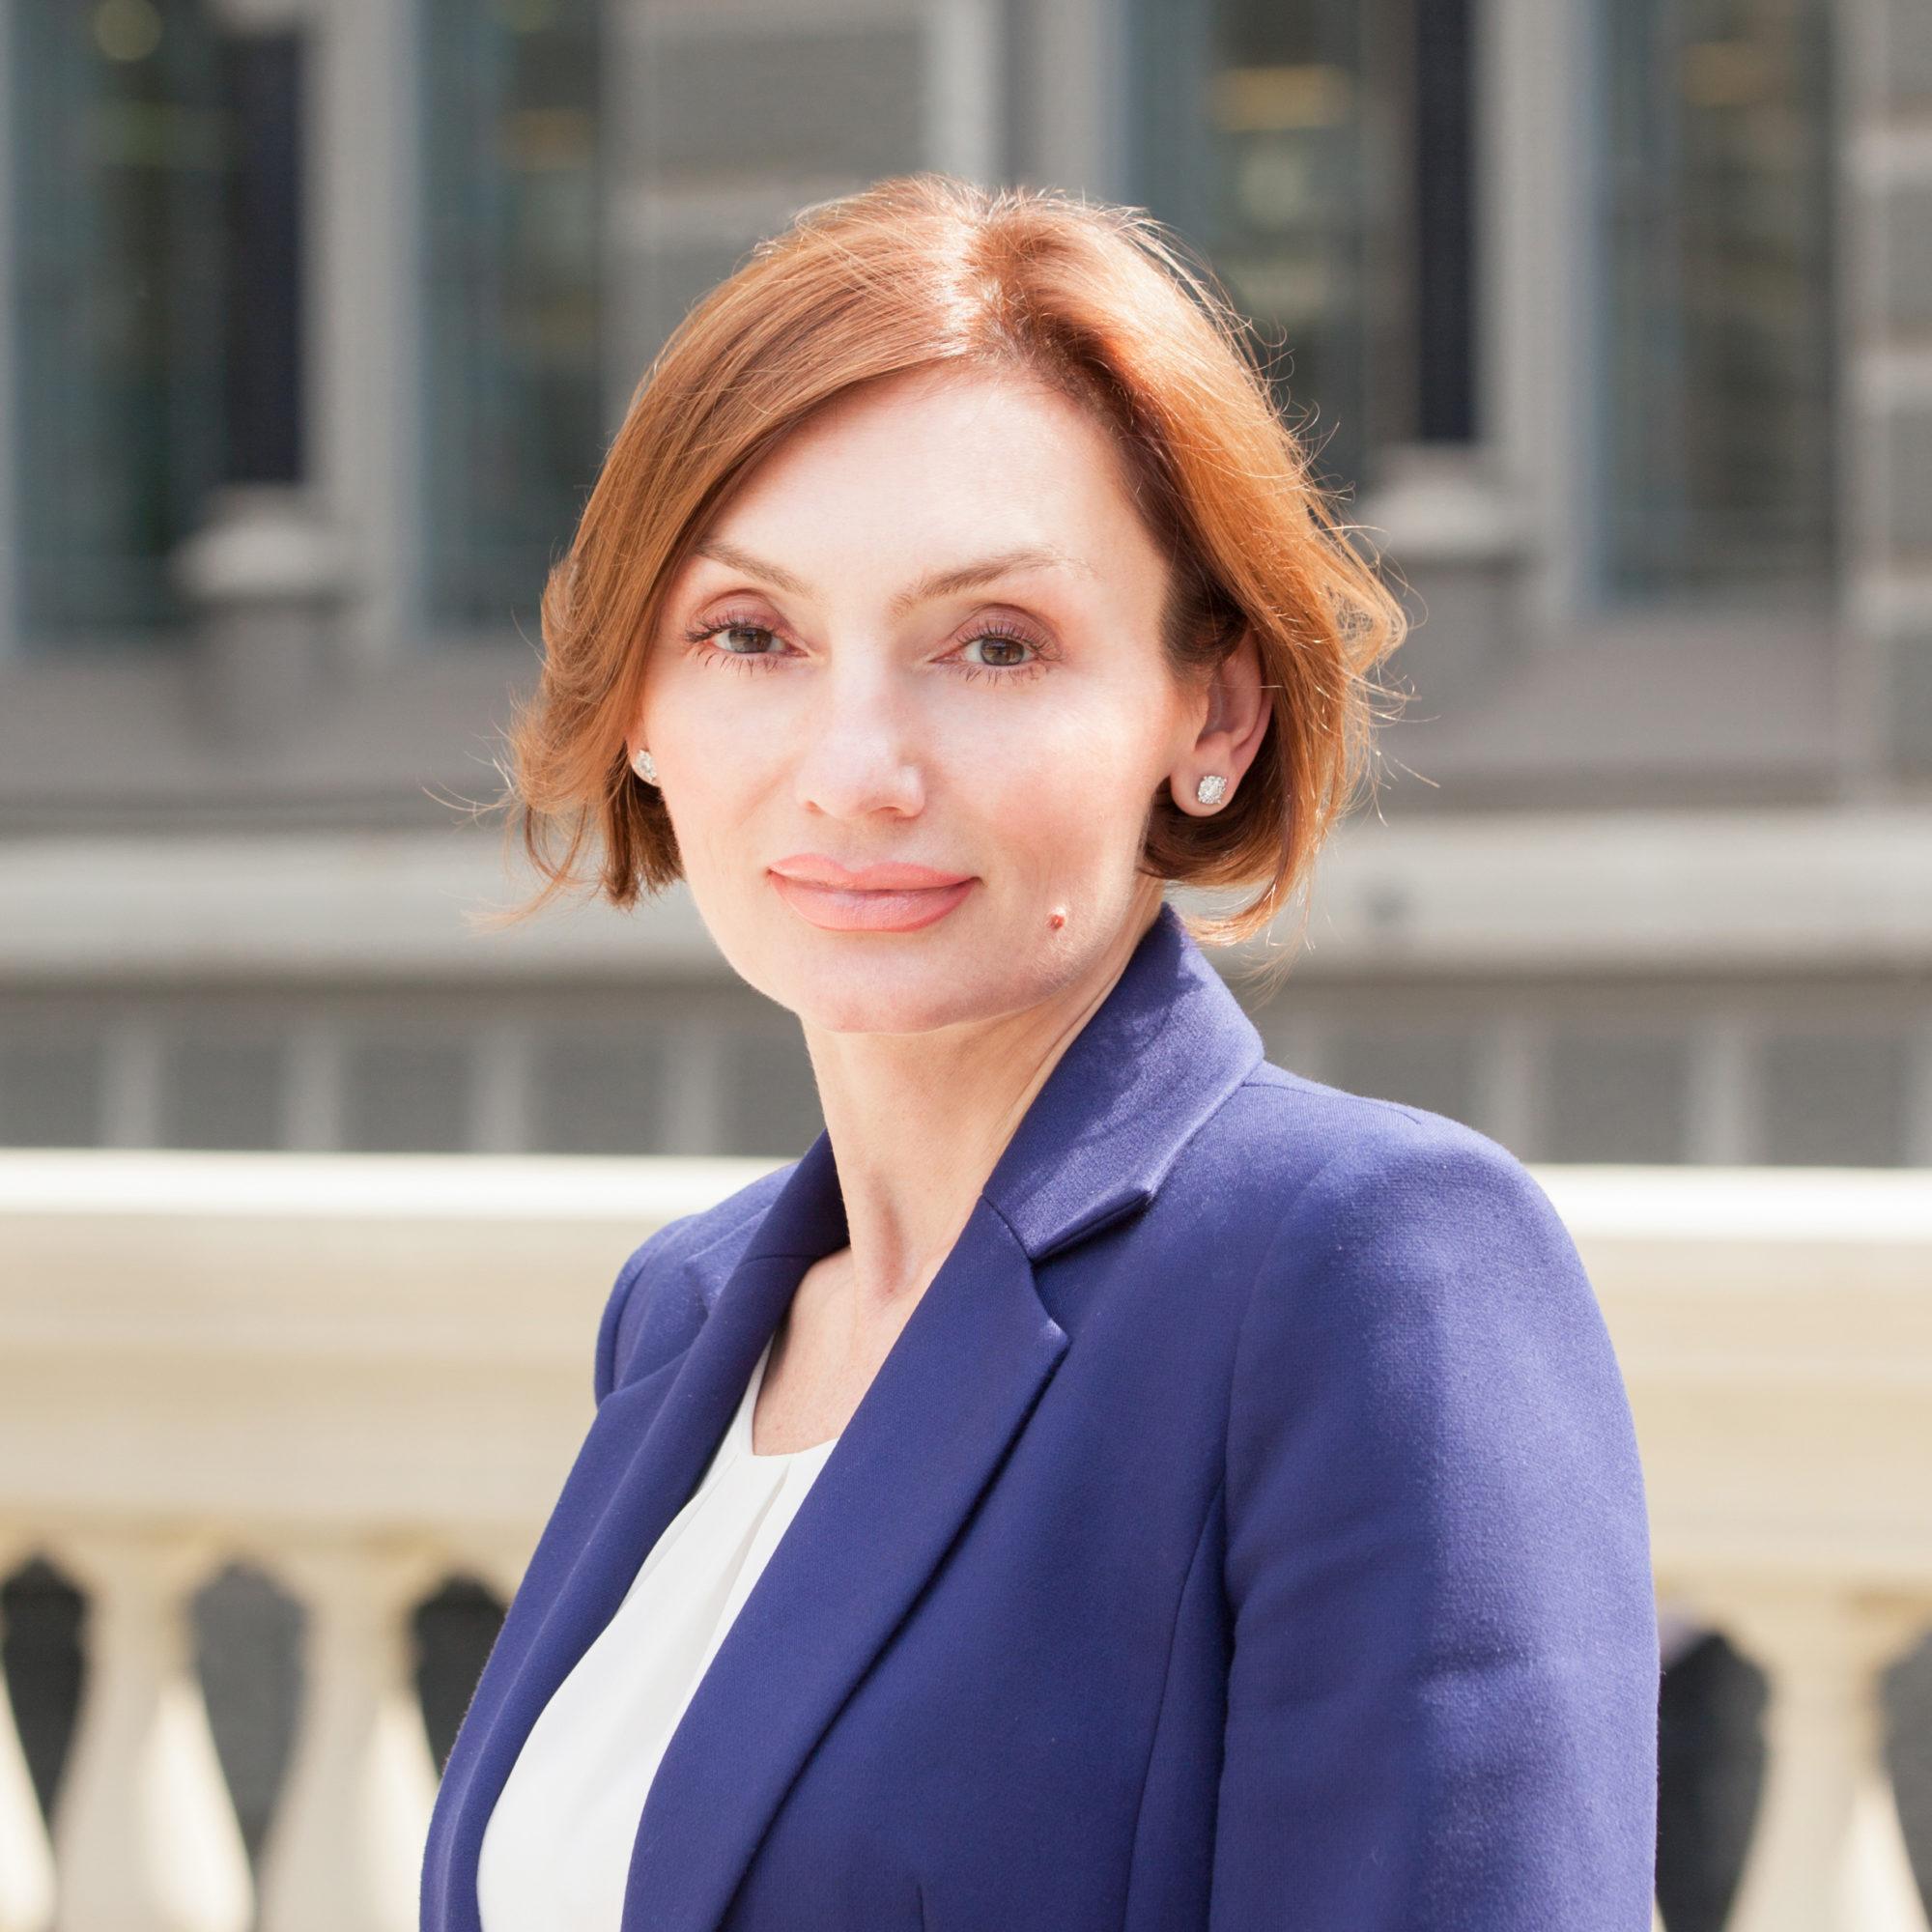 Закон про фінмоніторинг сумлінних клієнтів банків не зачепить: НБУ - Україна, НБУ, закон - ROZHROZH 1 2000x2000